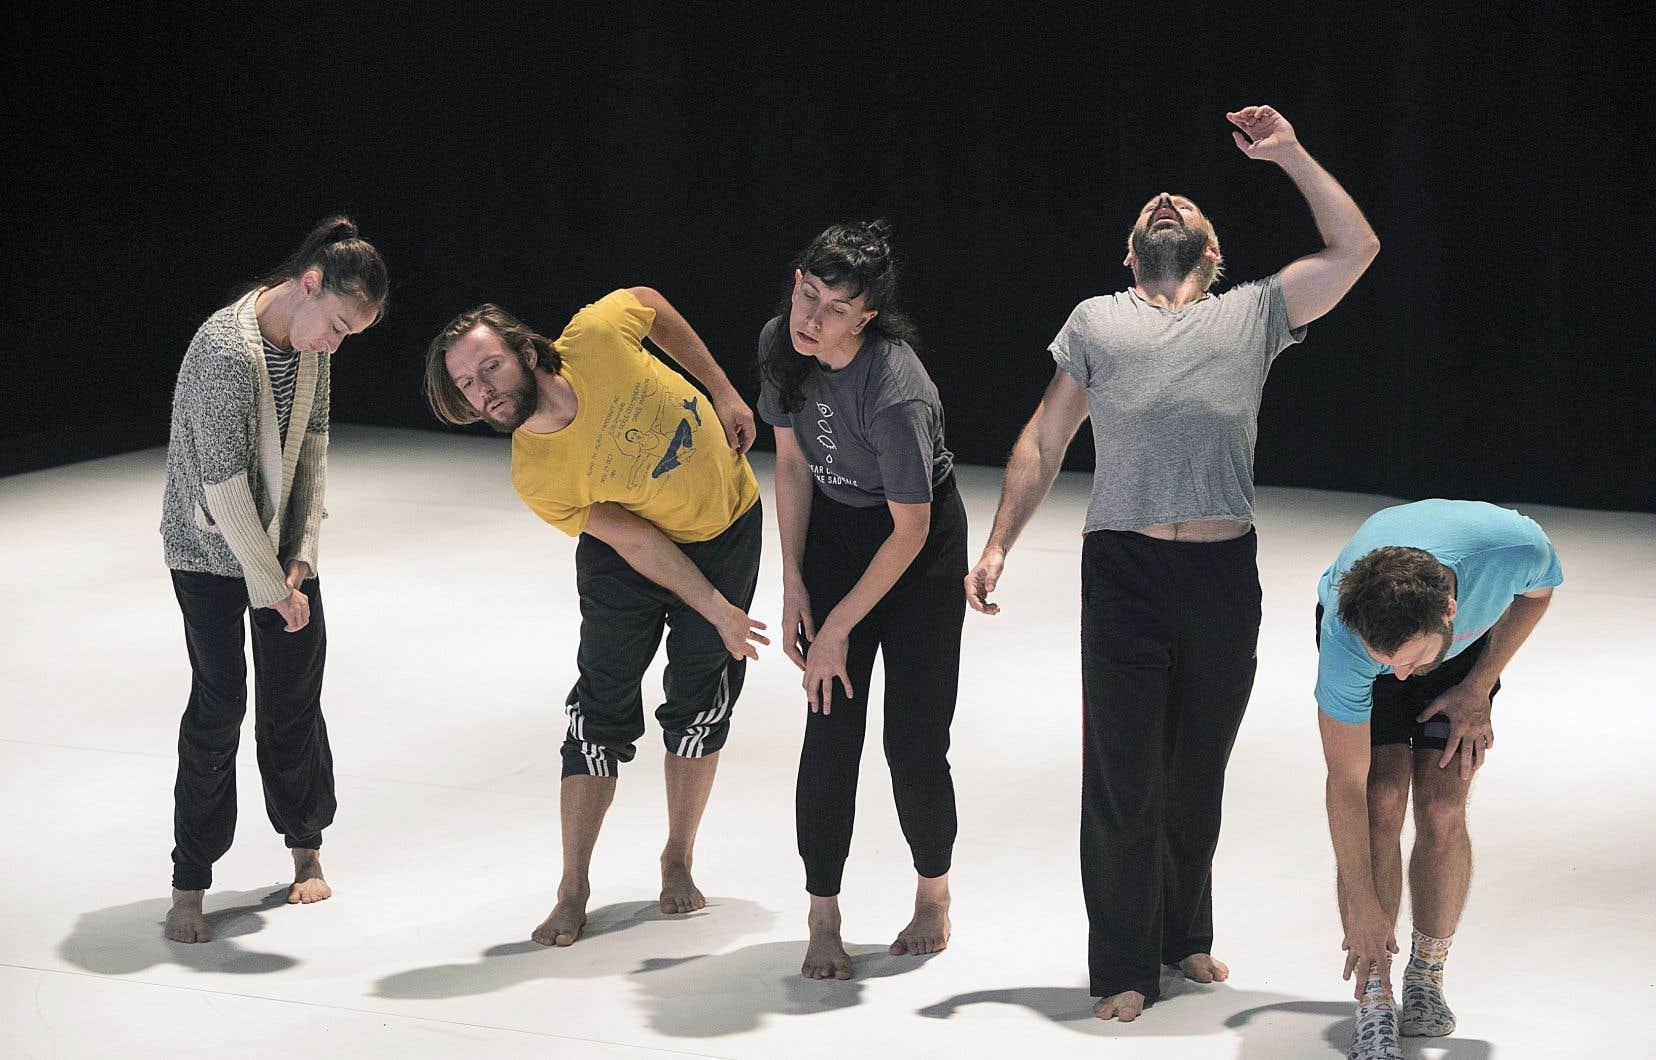 La pièce montre comment cinq individus — Caroline Gravel, Francis Ducharme, Leïla Mailly, James Phillips et Dany Desjardins, ici en répétition — tentent de s'extirper de leur quotidien et d'accéder à un état de conscience plus ouvert en créant des sortes de rituels.